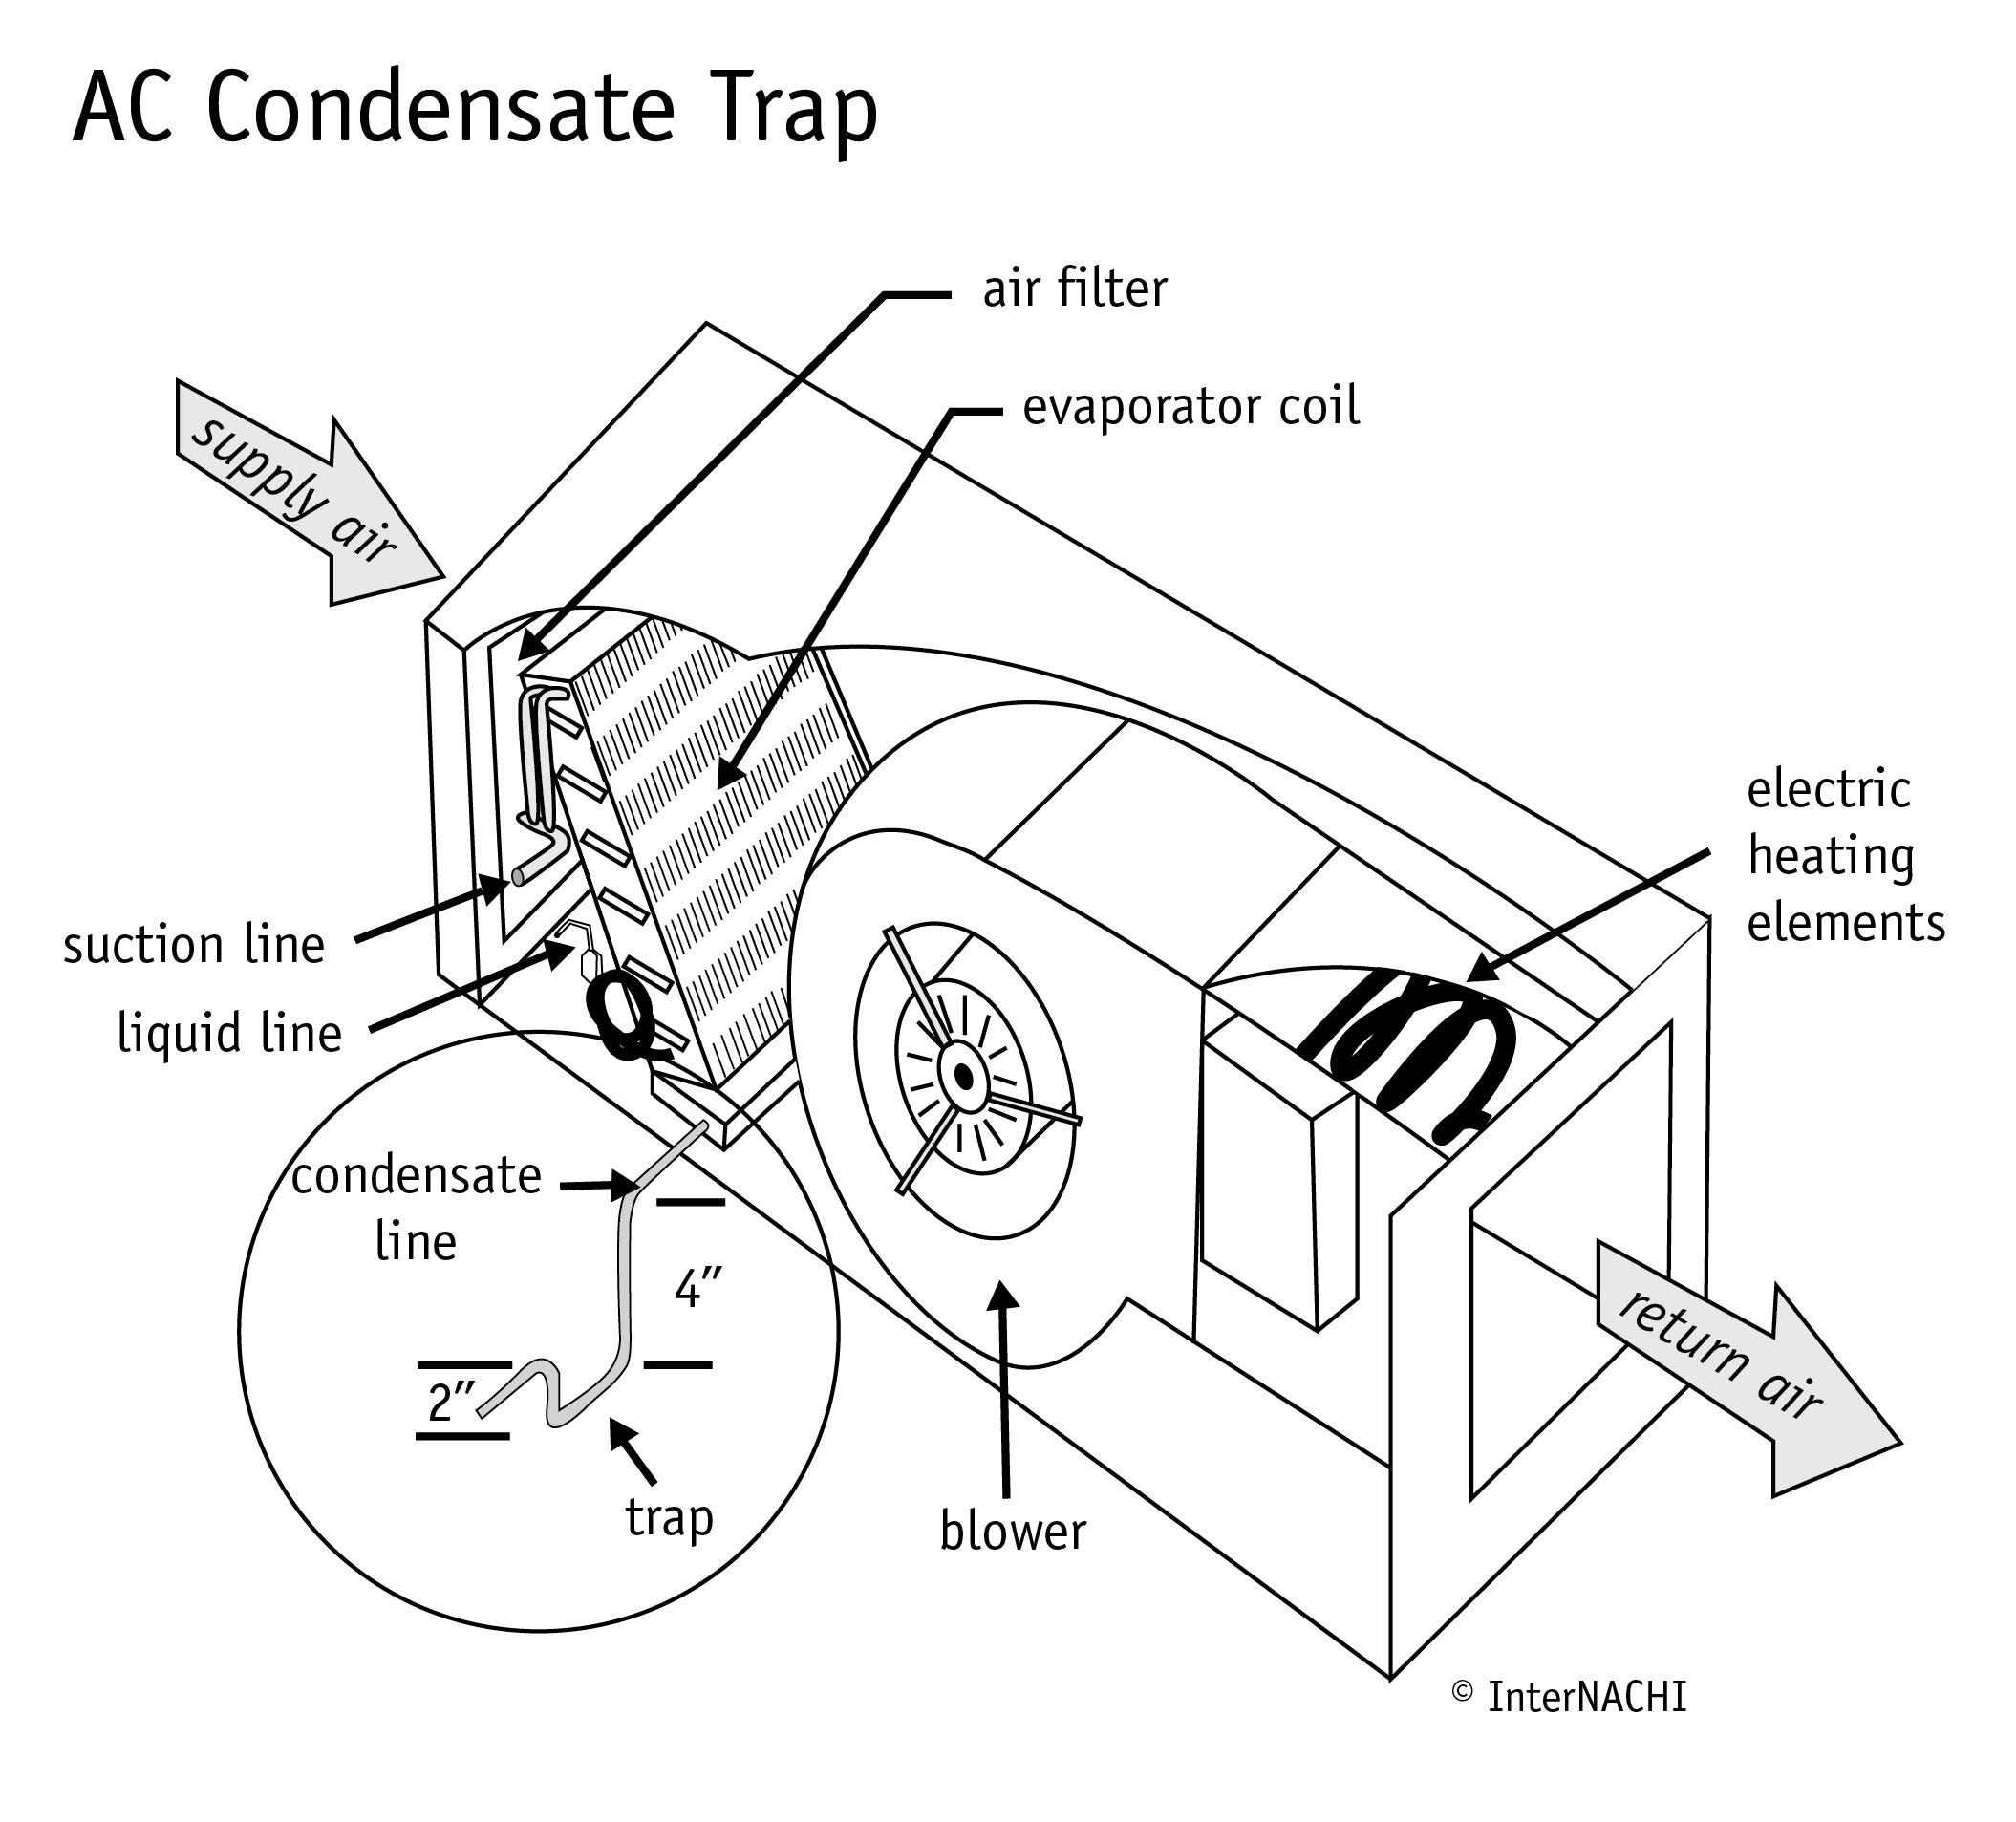 AC condensate trap.